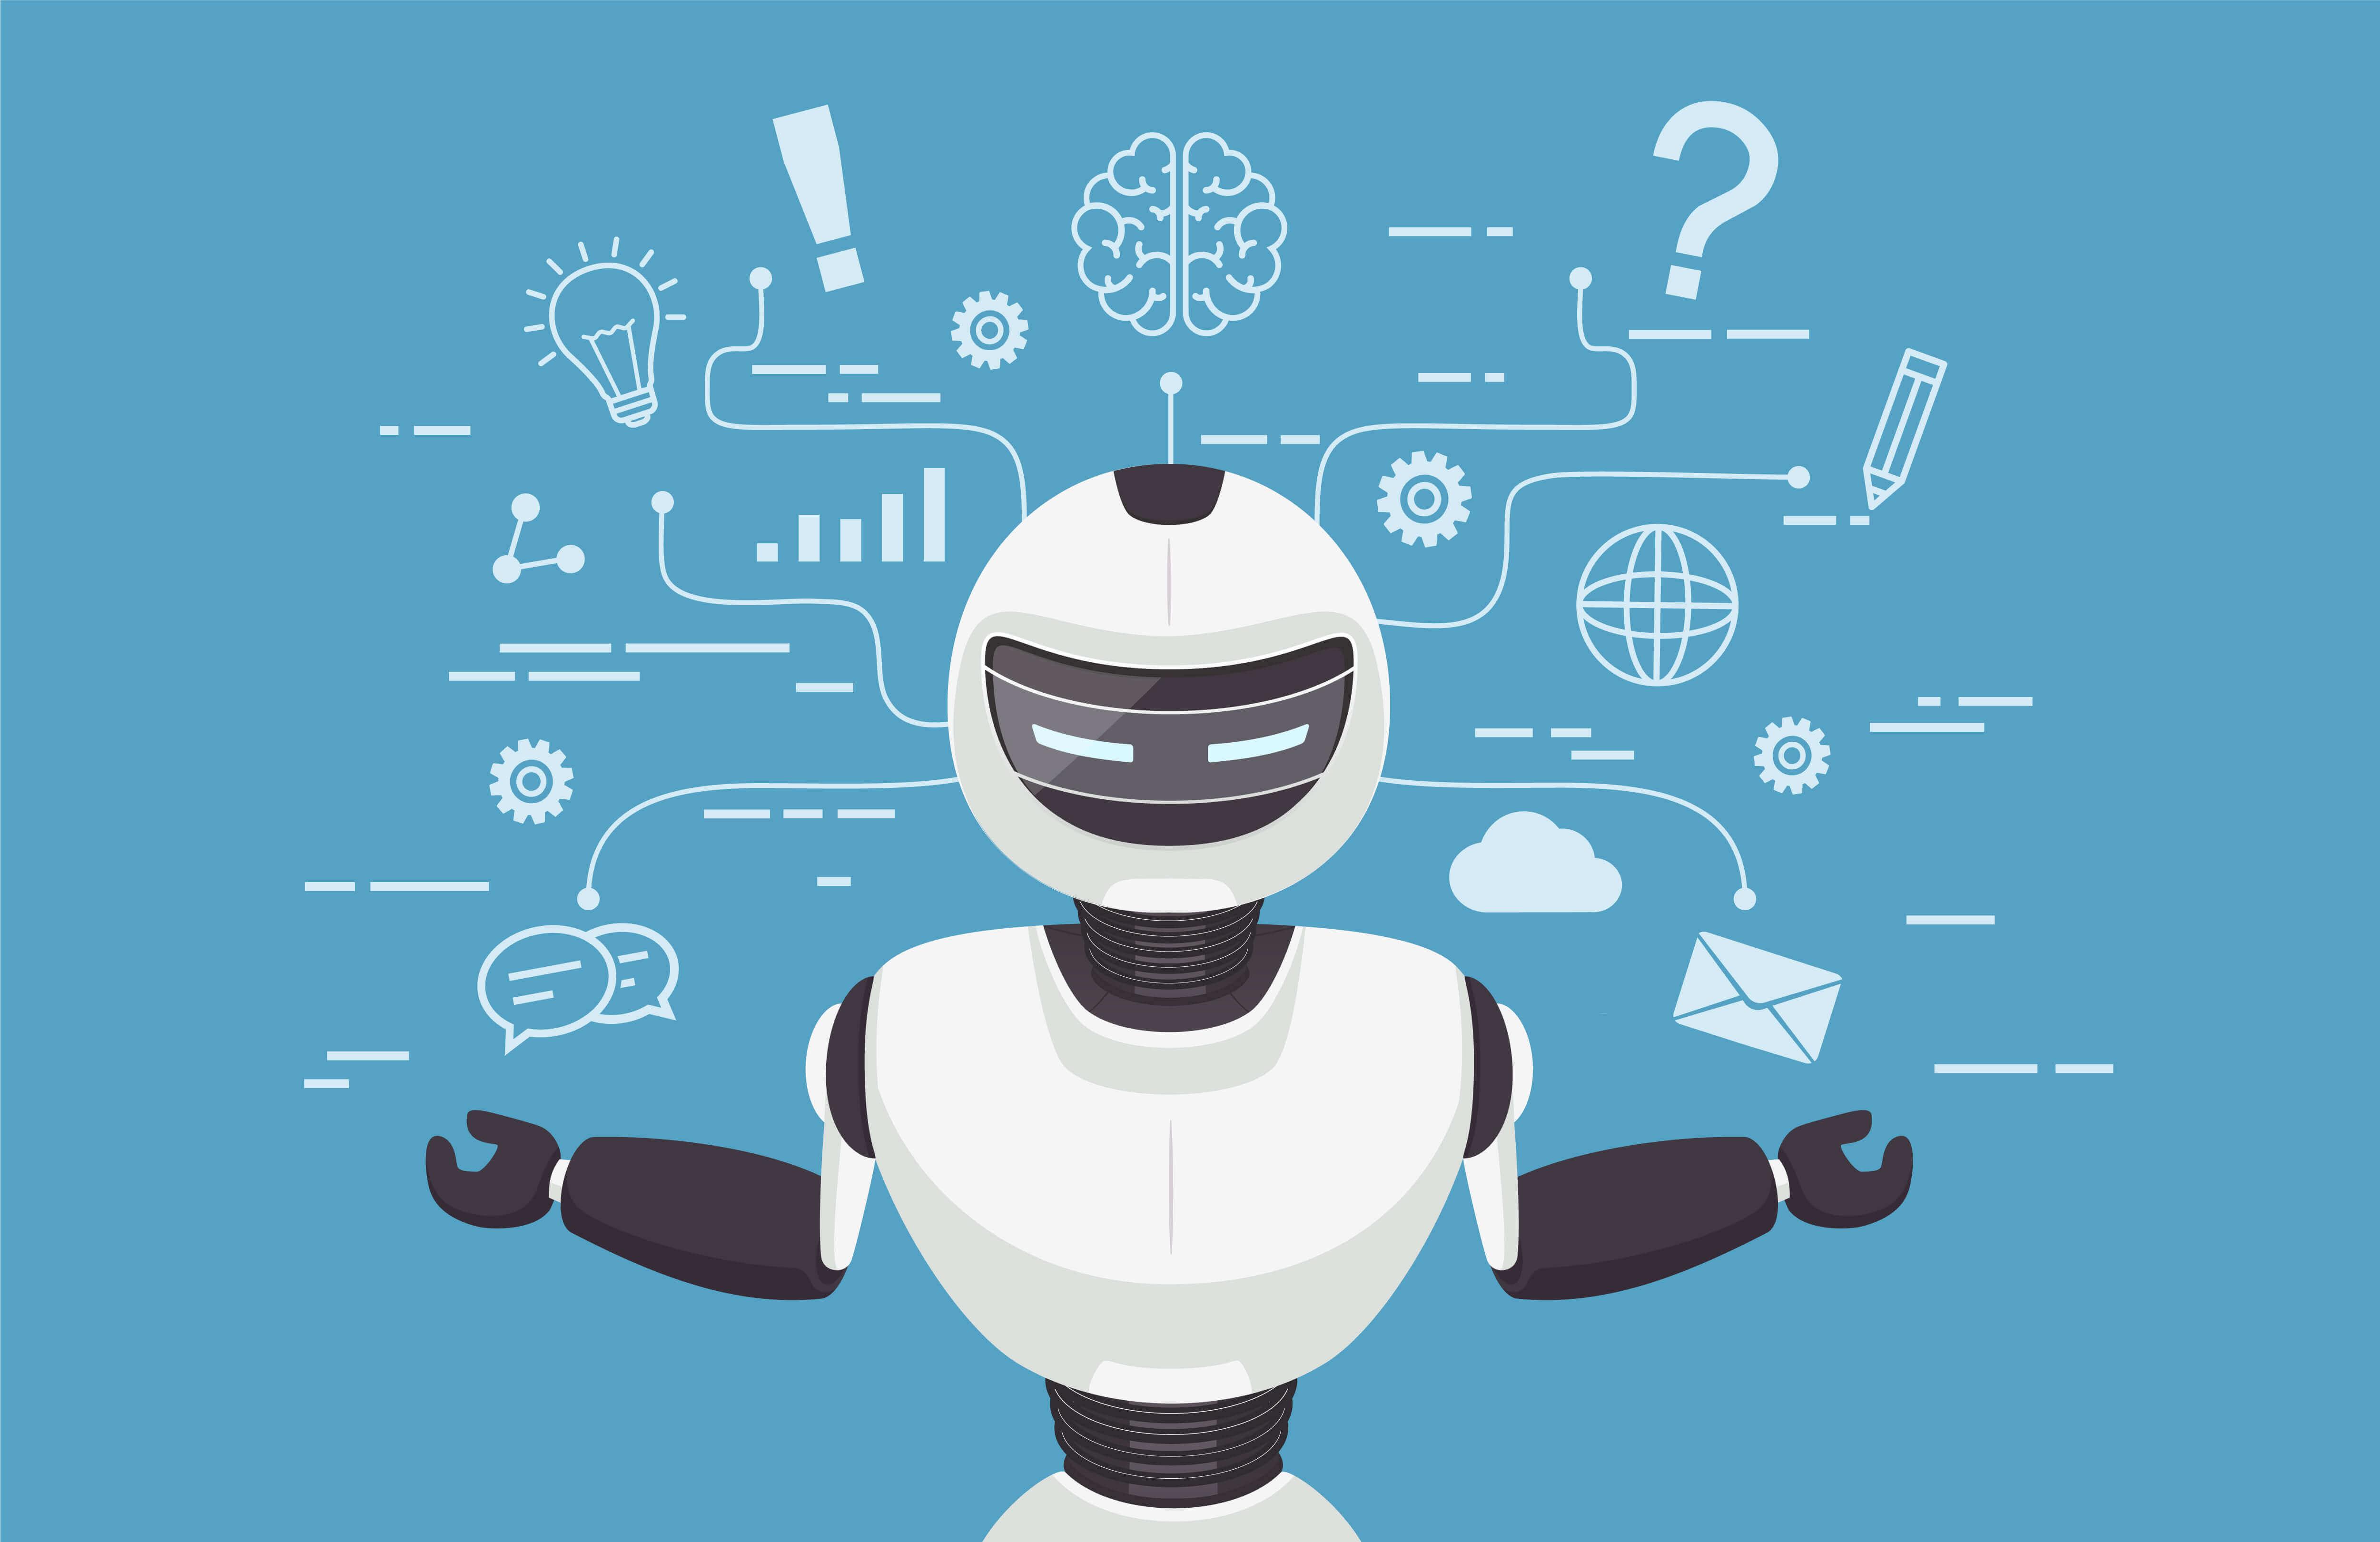 【働き方改革】知っておきたい、職場におけるAIの導入・活用のポイント【人工知能】